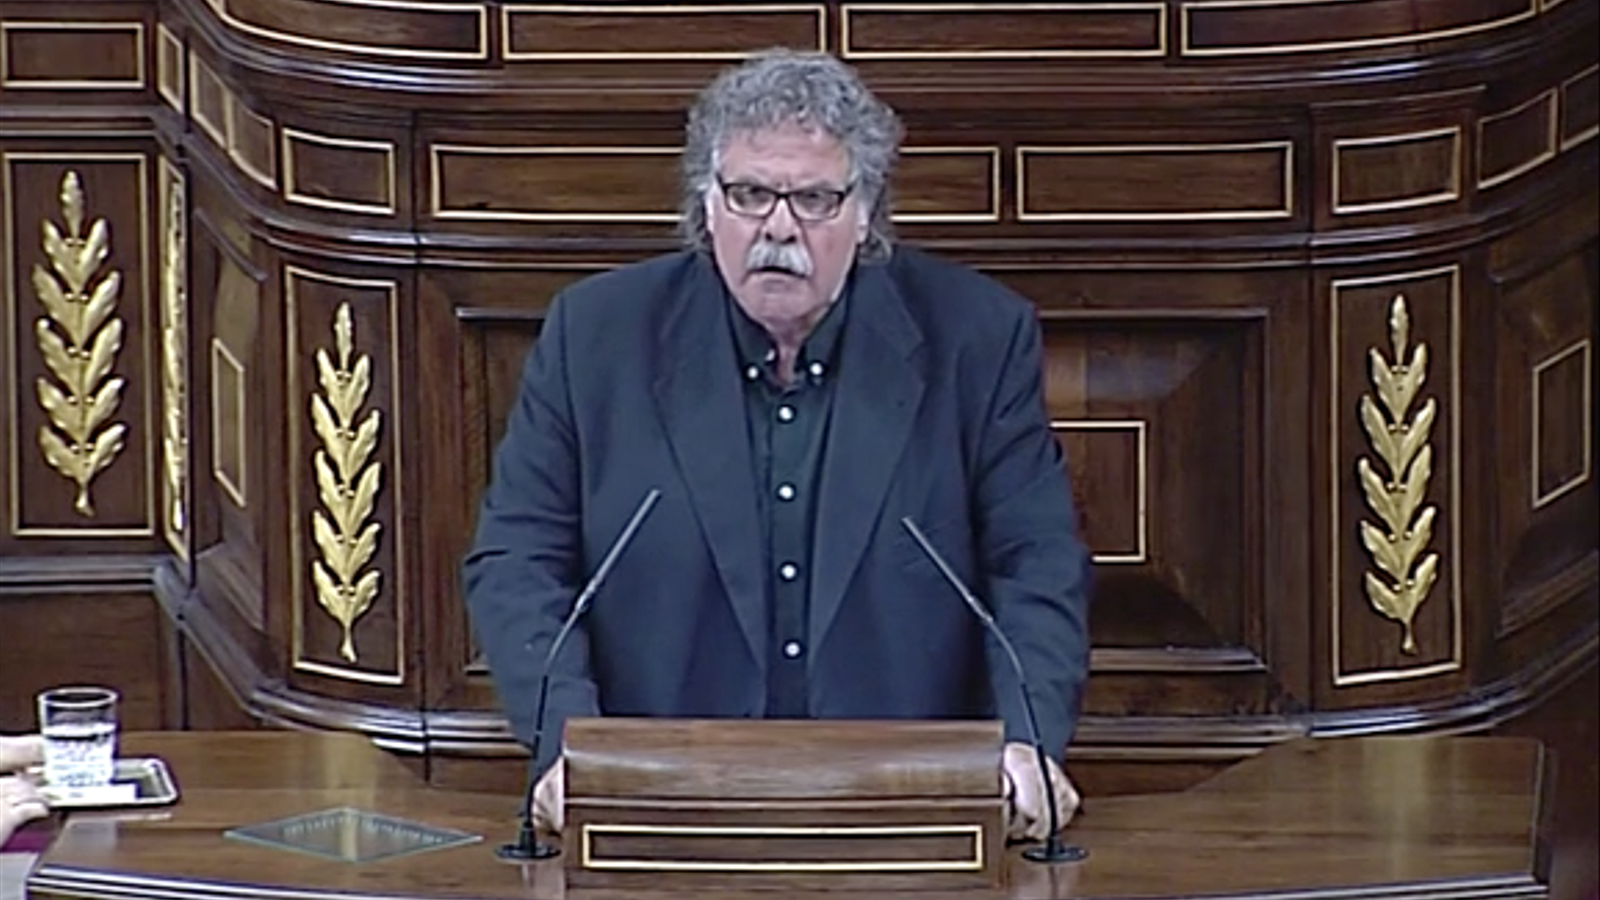 Tardà a Wert: S'ha de ser molt mala persona i molt fanàtic per ofendre a milers de persones que van ser apallissades per parlar en català durant el franquisme